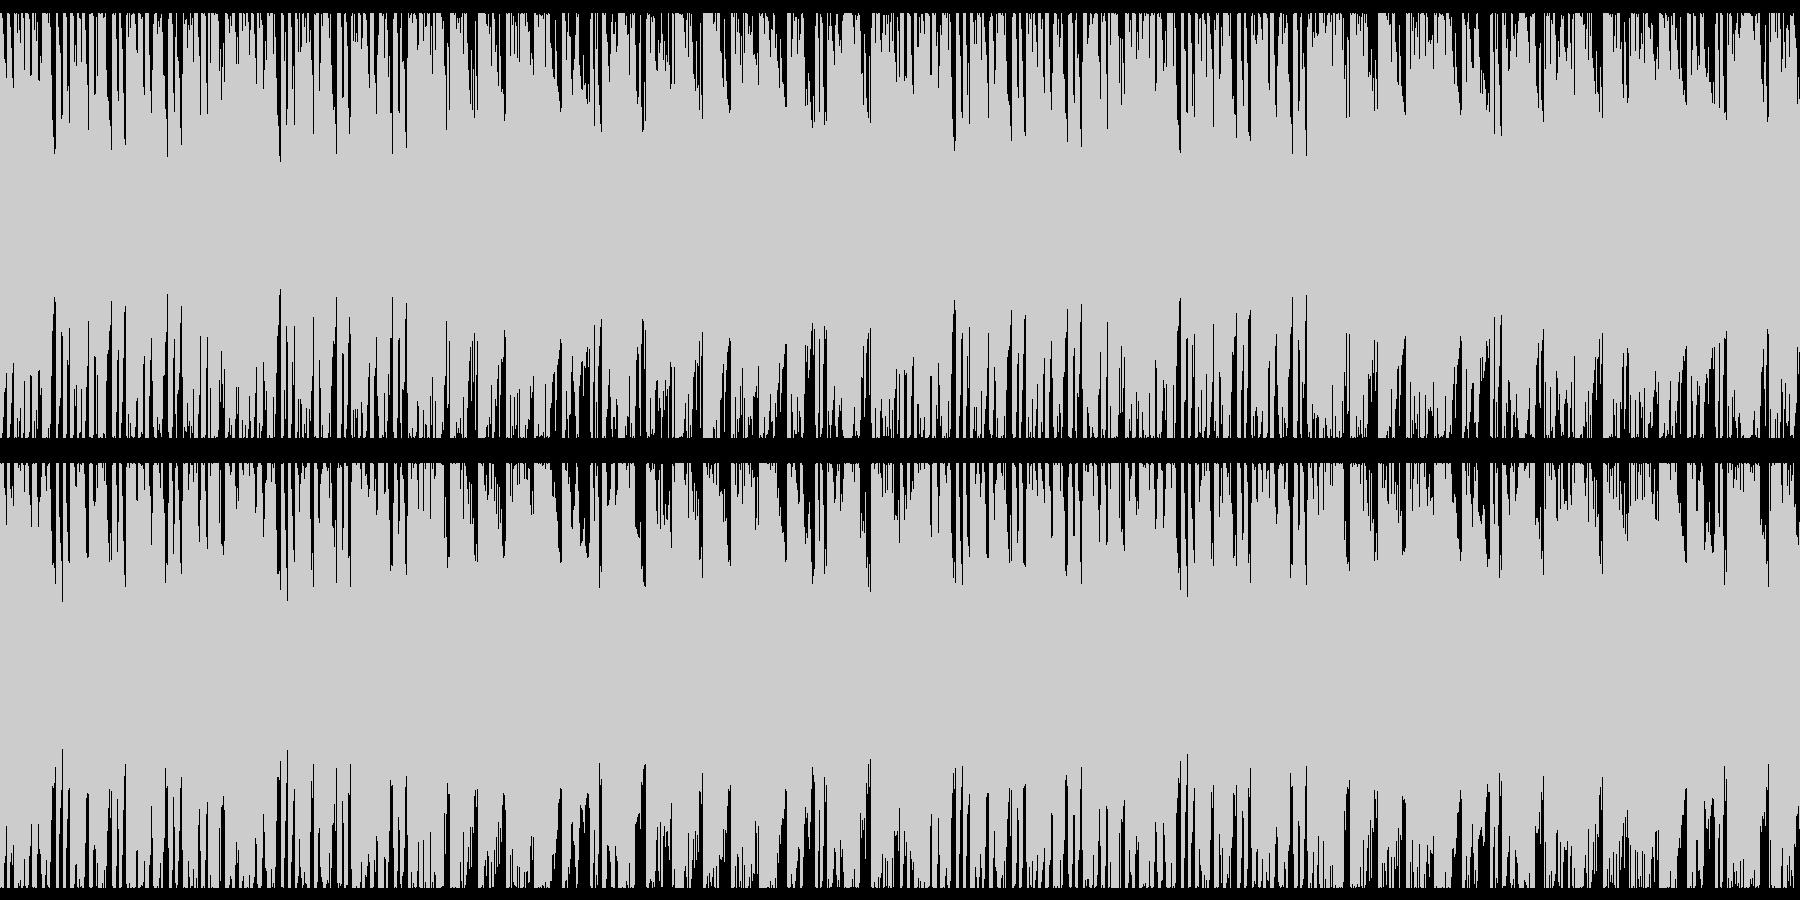 クリスマス・冬にピッタリの日常BGM-Uの未再生の波形